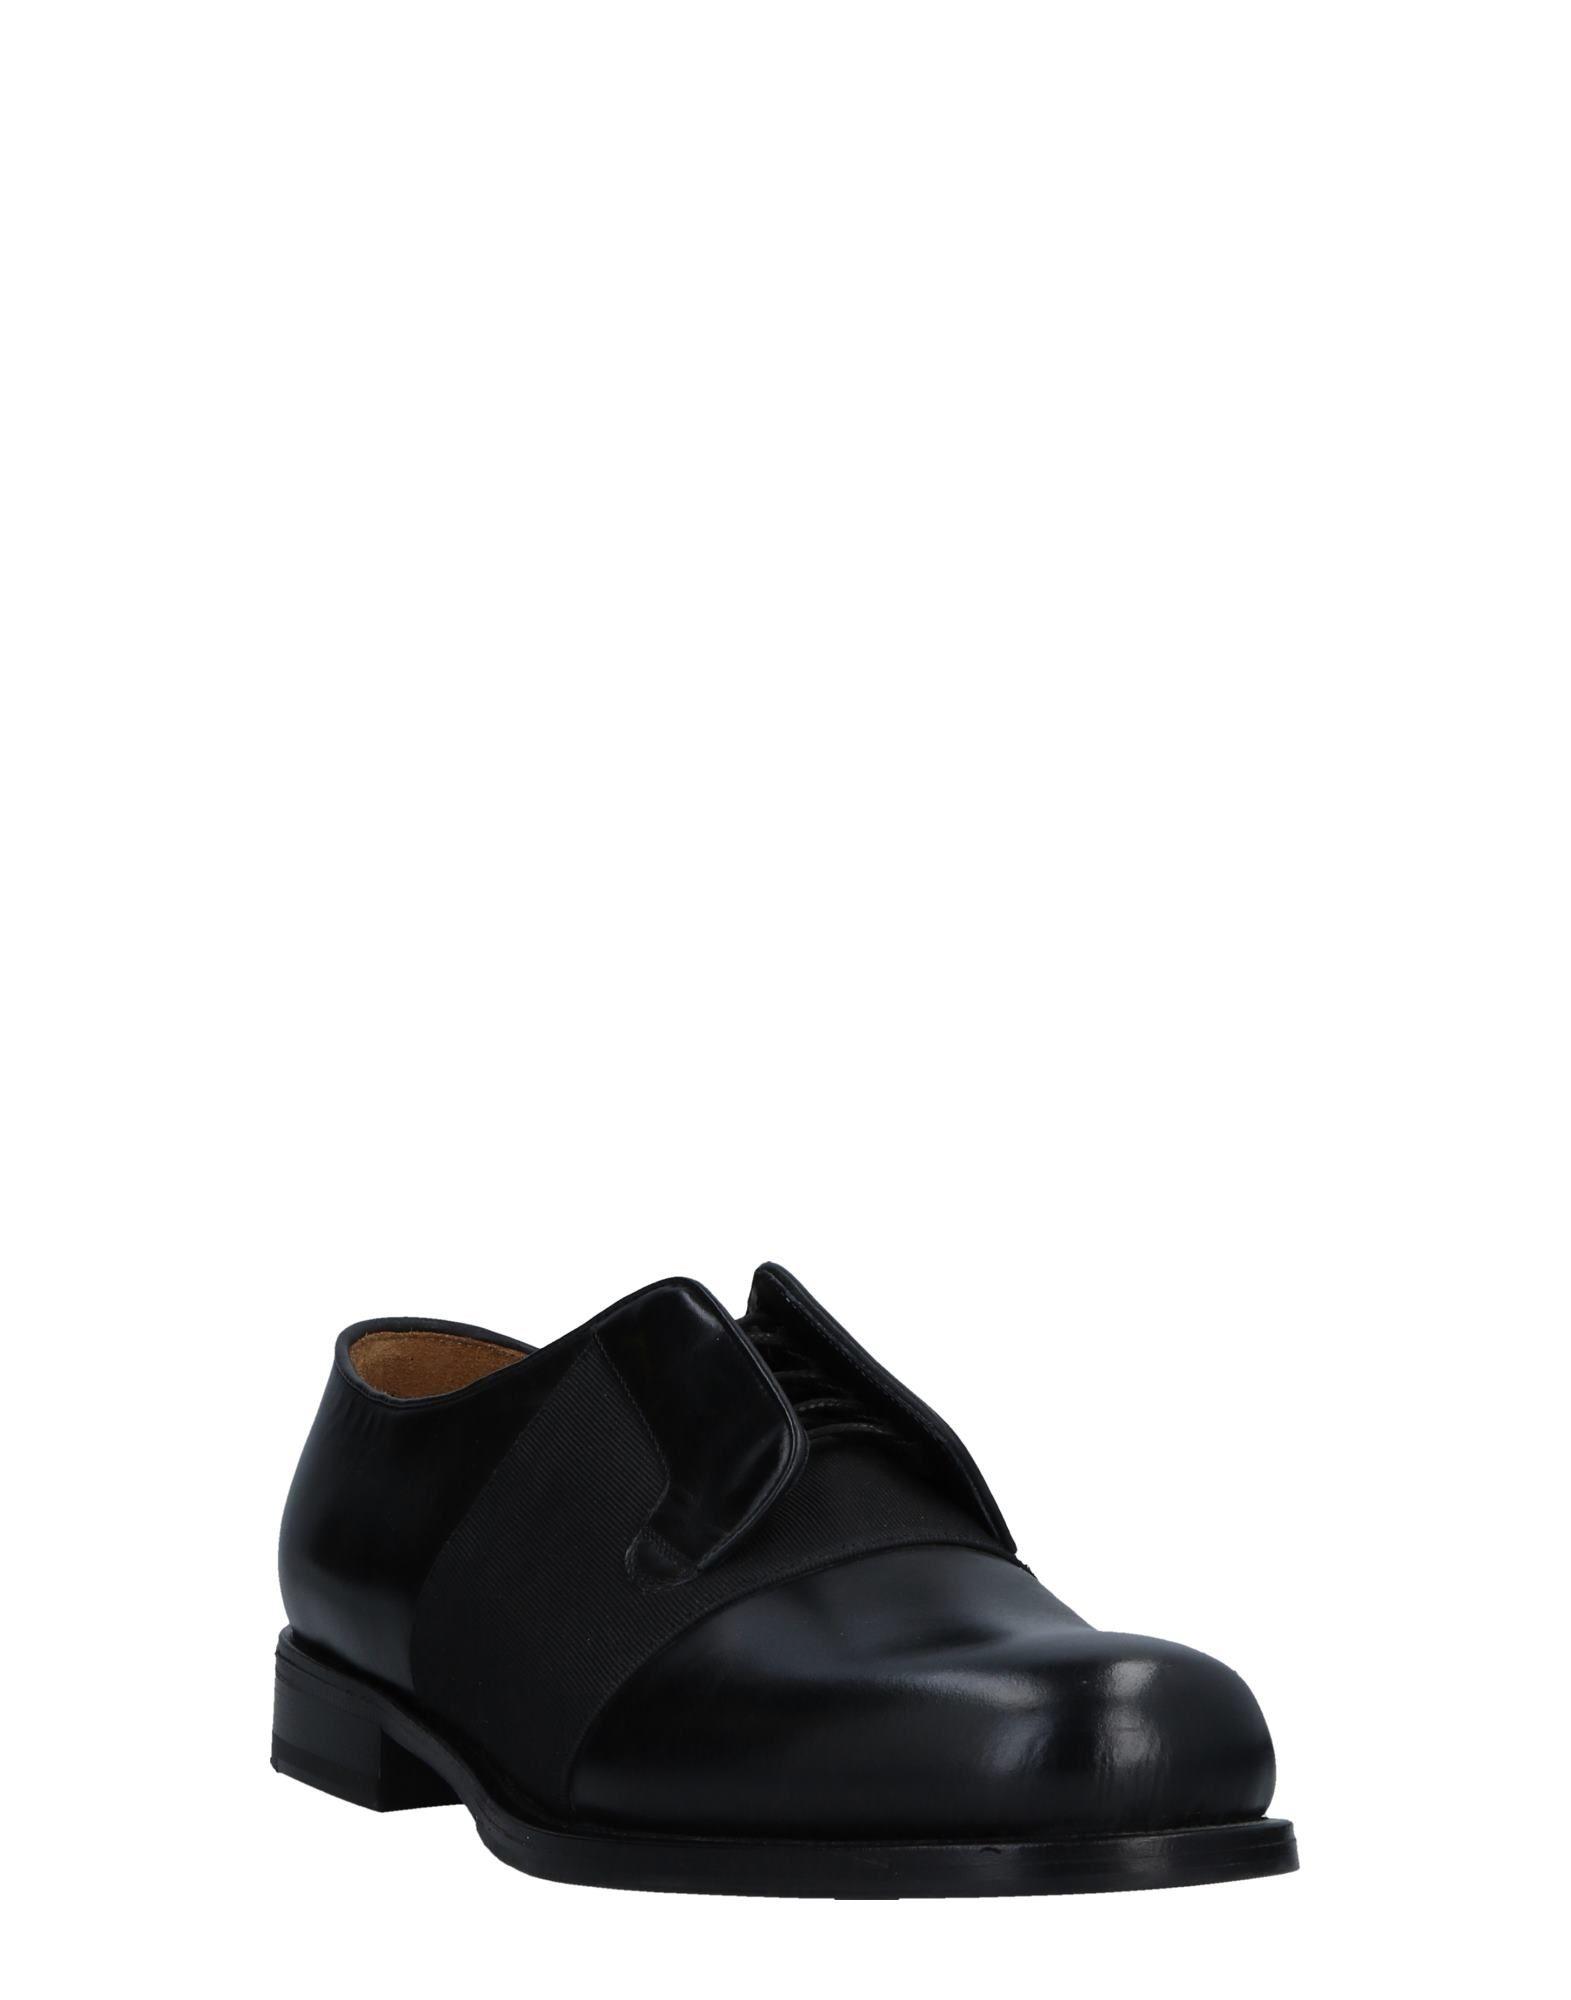 Emporio Armani Schnürschuhe Herren  11517514CD Gute Qualität beliebte Schuhe